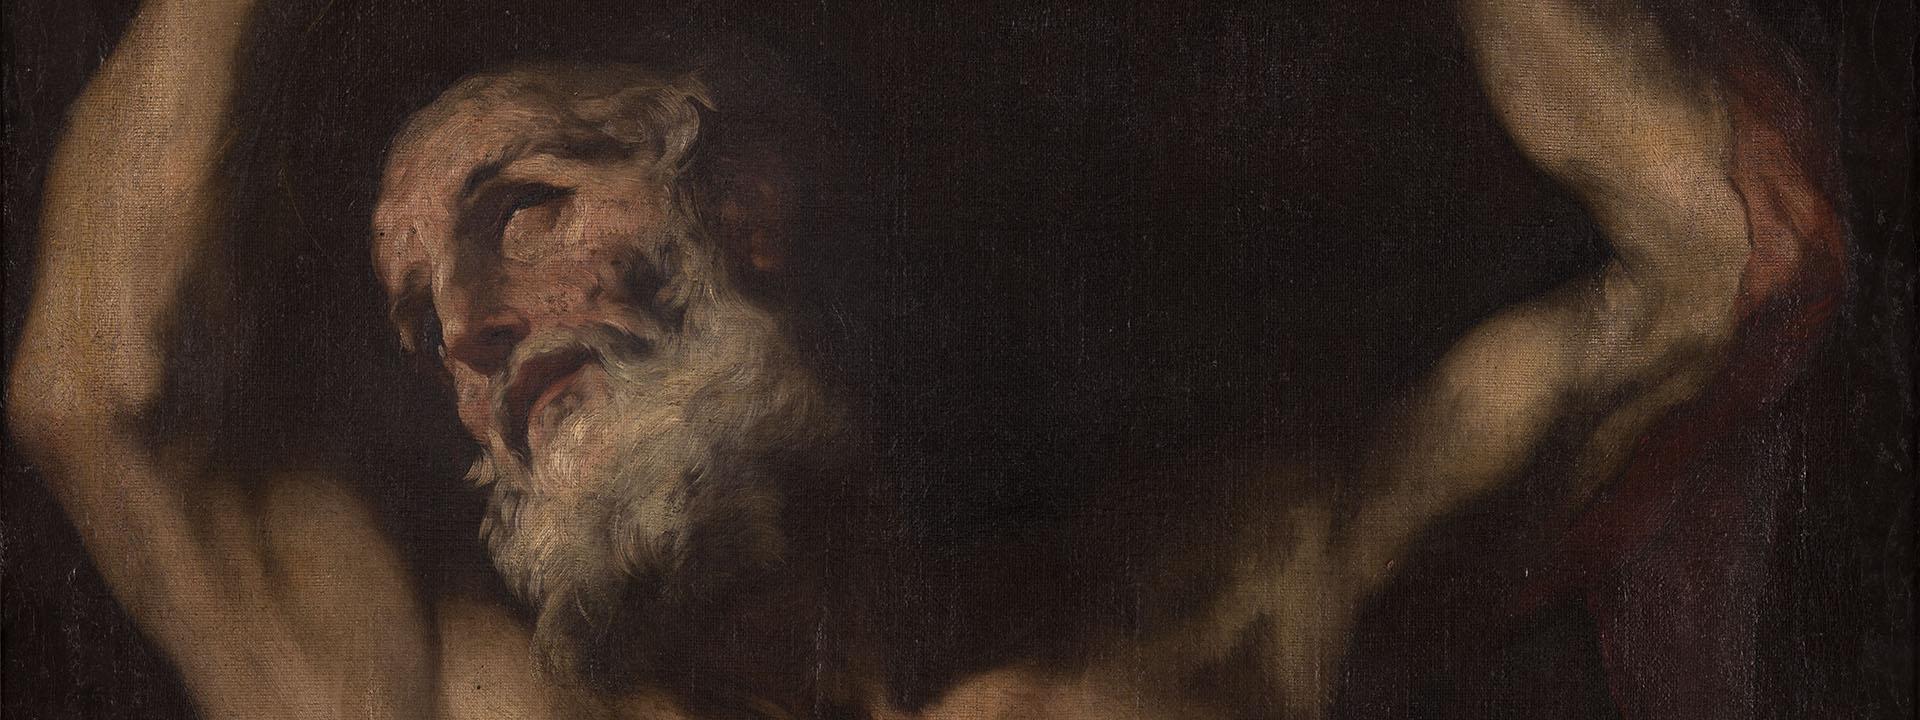 &nbsp&nbspSANT BERTOMEU EN EL MARTIRI - Luca Giordano - Museu de Belles Arts de València